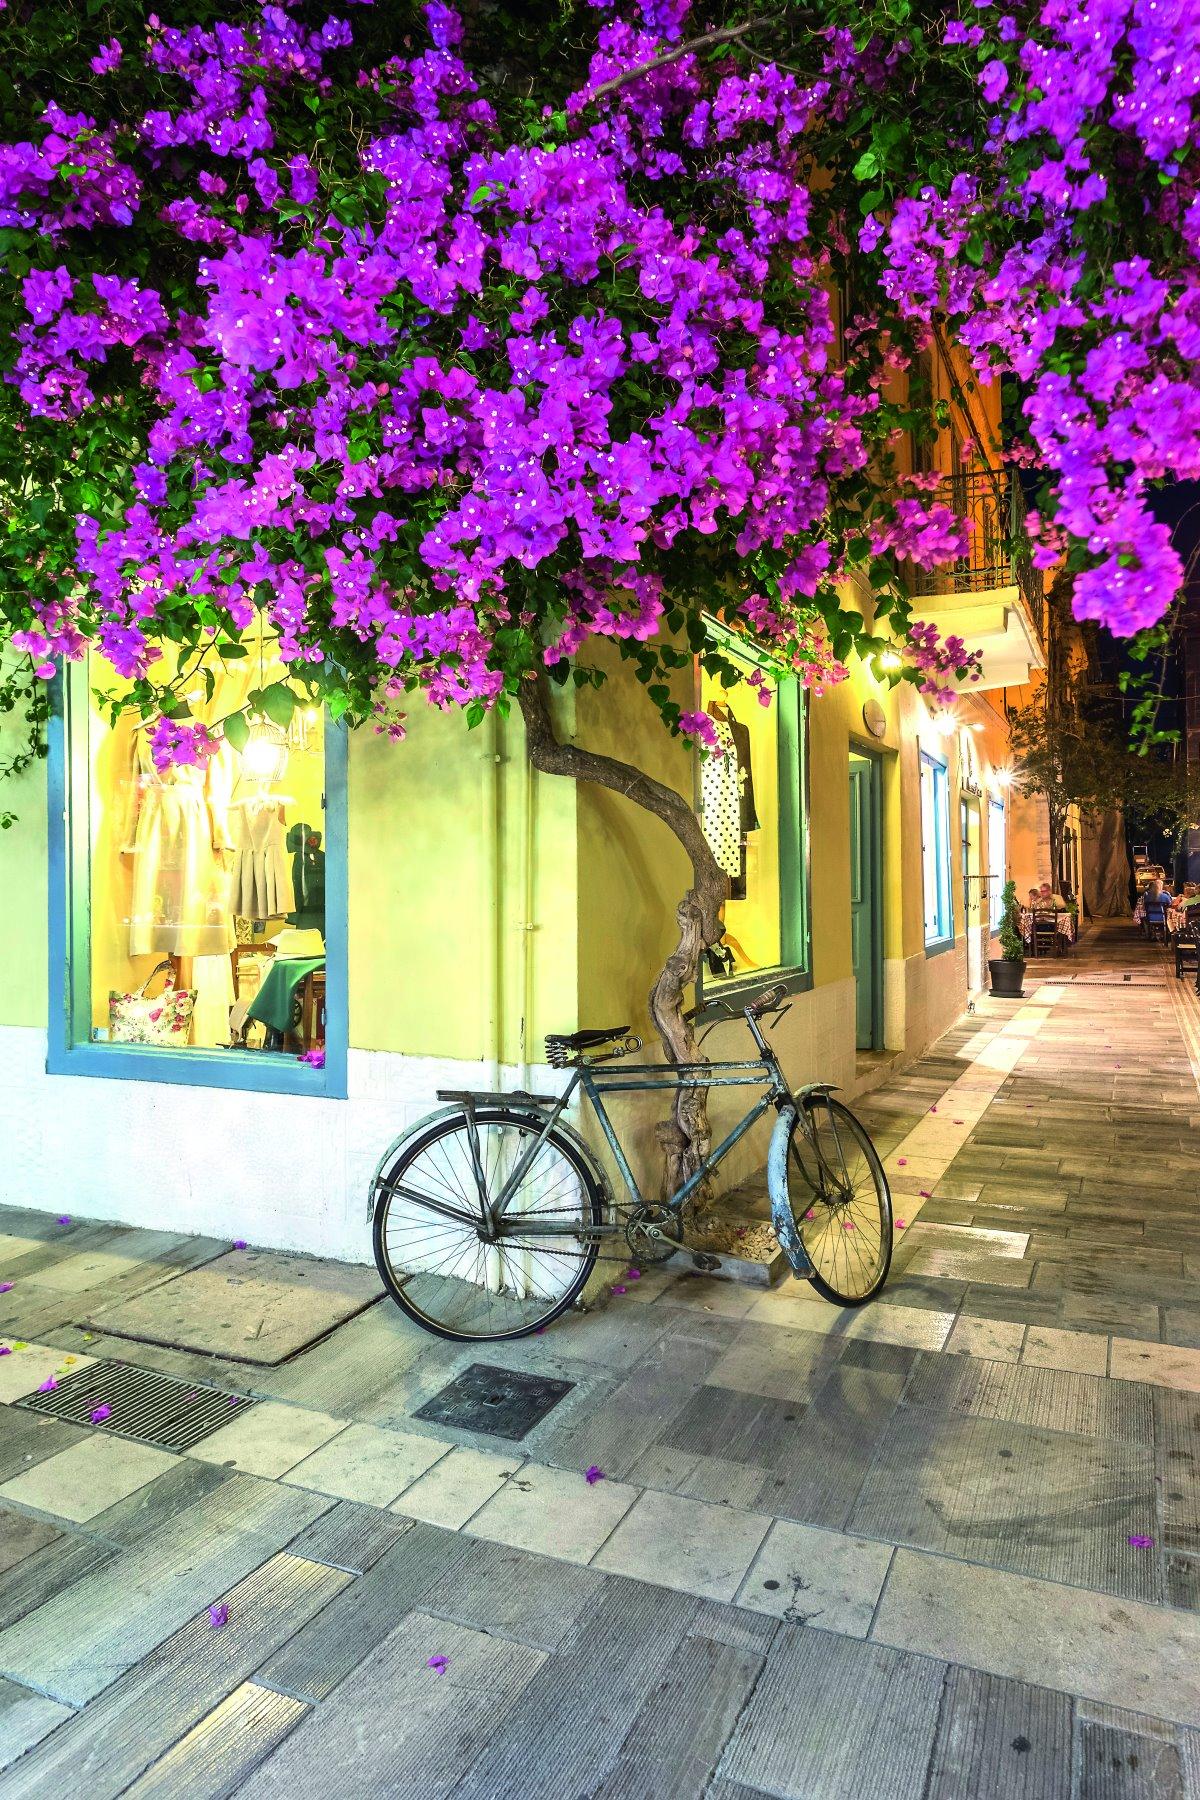 Περίπατος στα γραφικά σοκάκια της Παλιάς Πόλης, Ναύπλιο